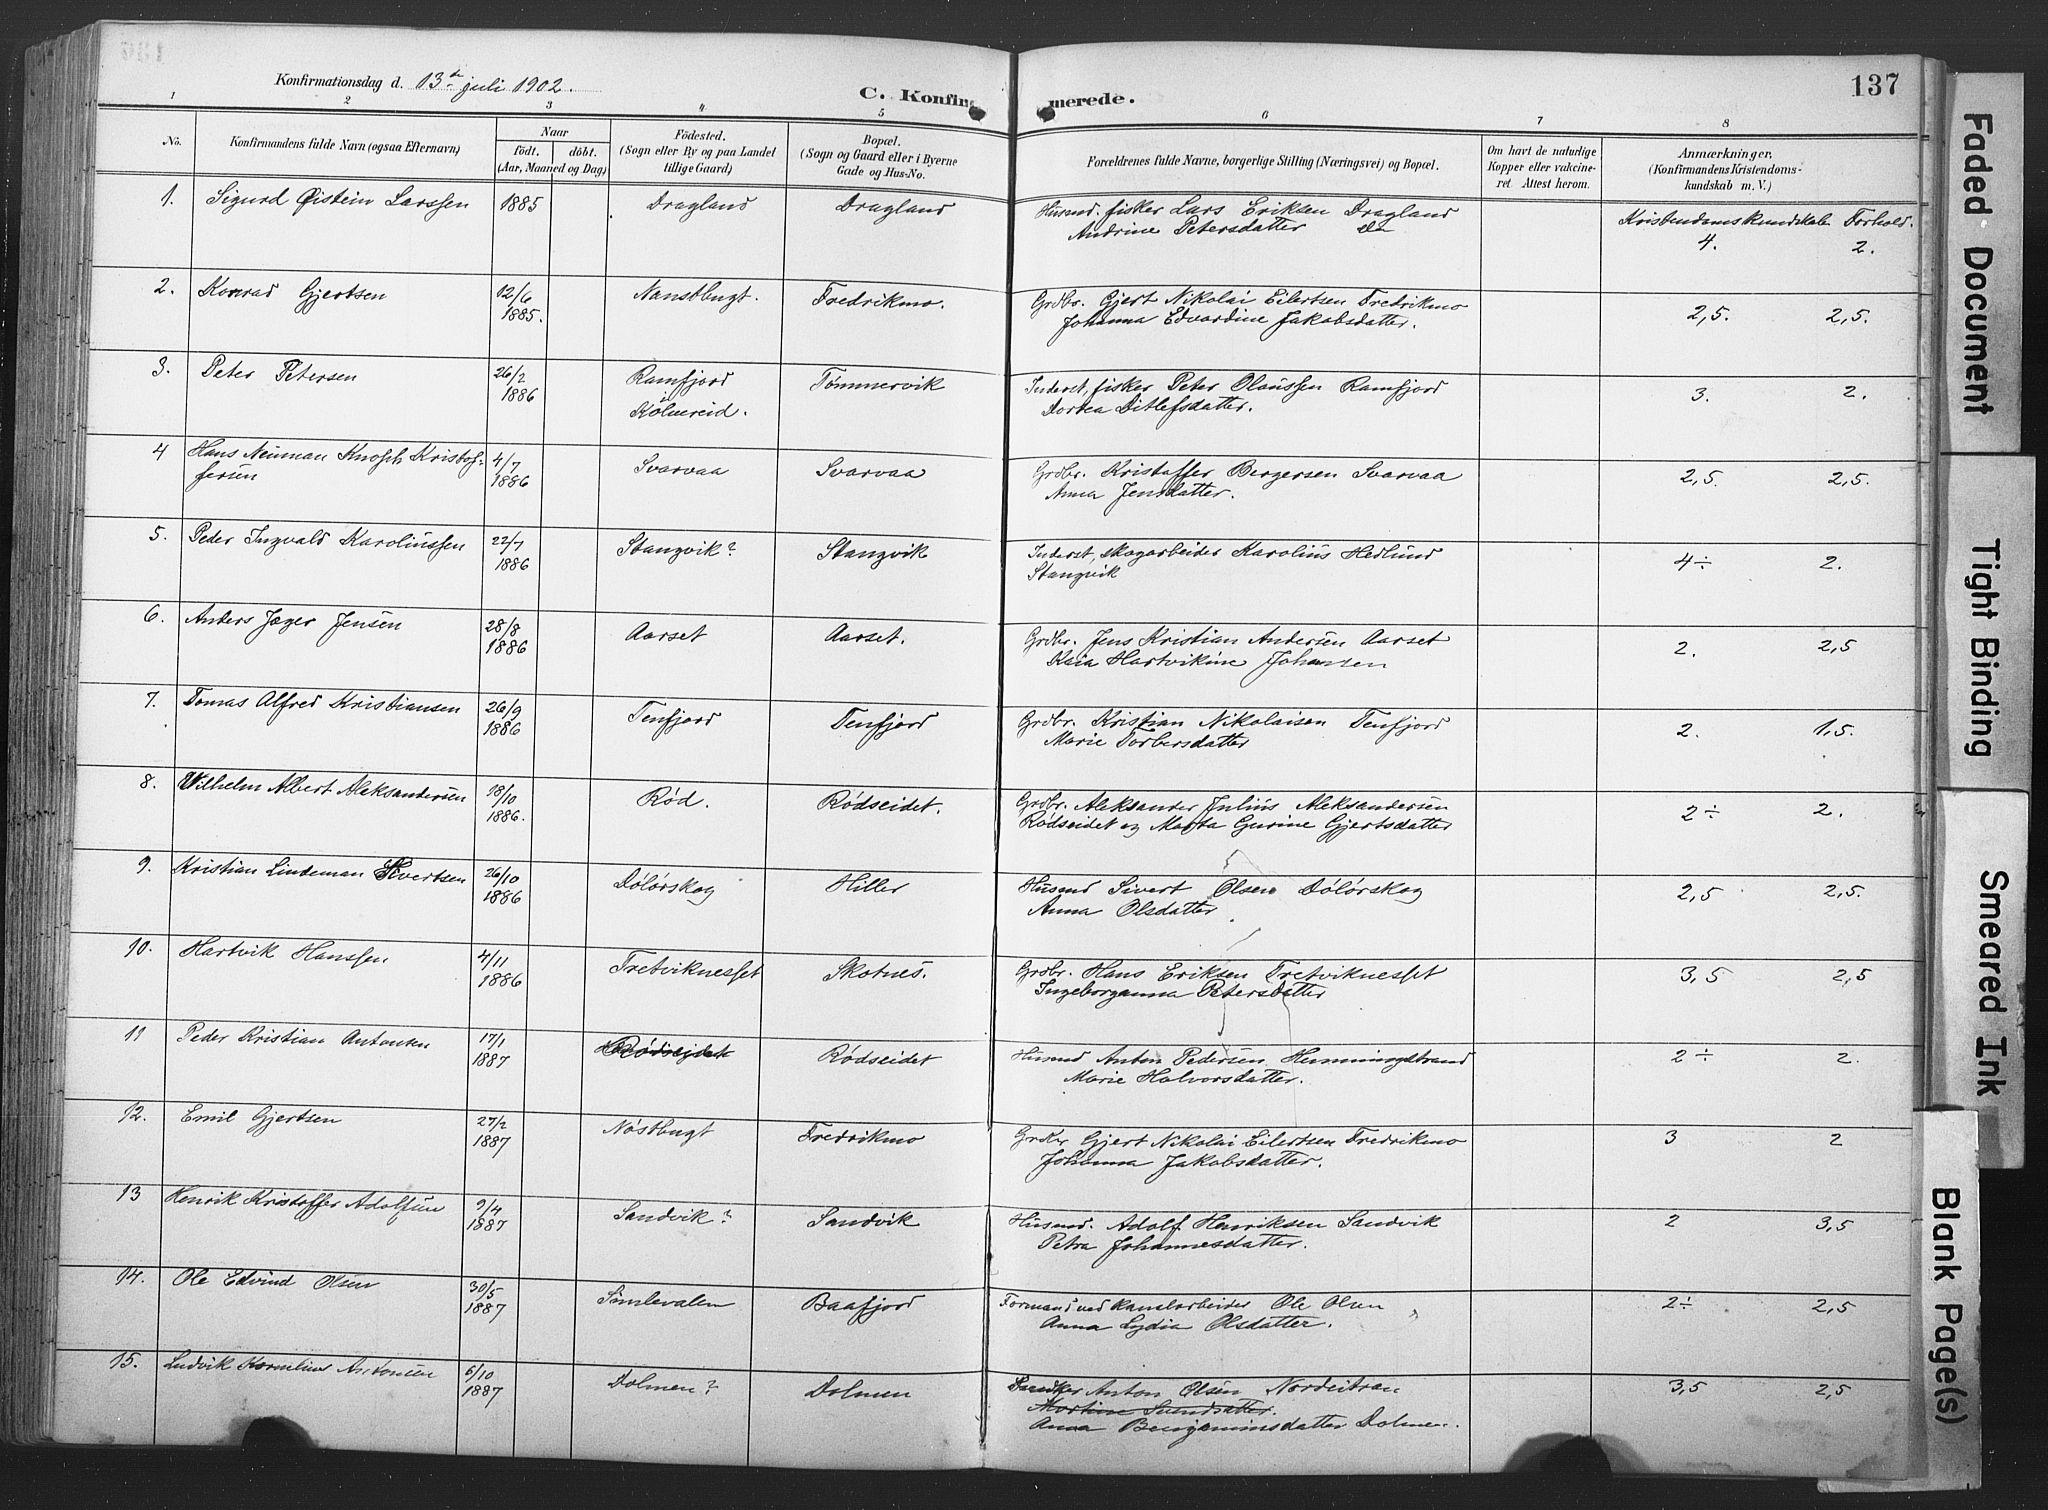 SAT, Ministerialprotokoller, klokkerbøker og fødselsregistre - Nord-Trøndelag, 789/L0706: Klokkerbok nr. 789C01, 1888-1931, s. 137